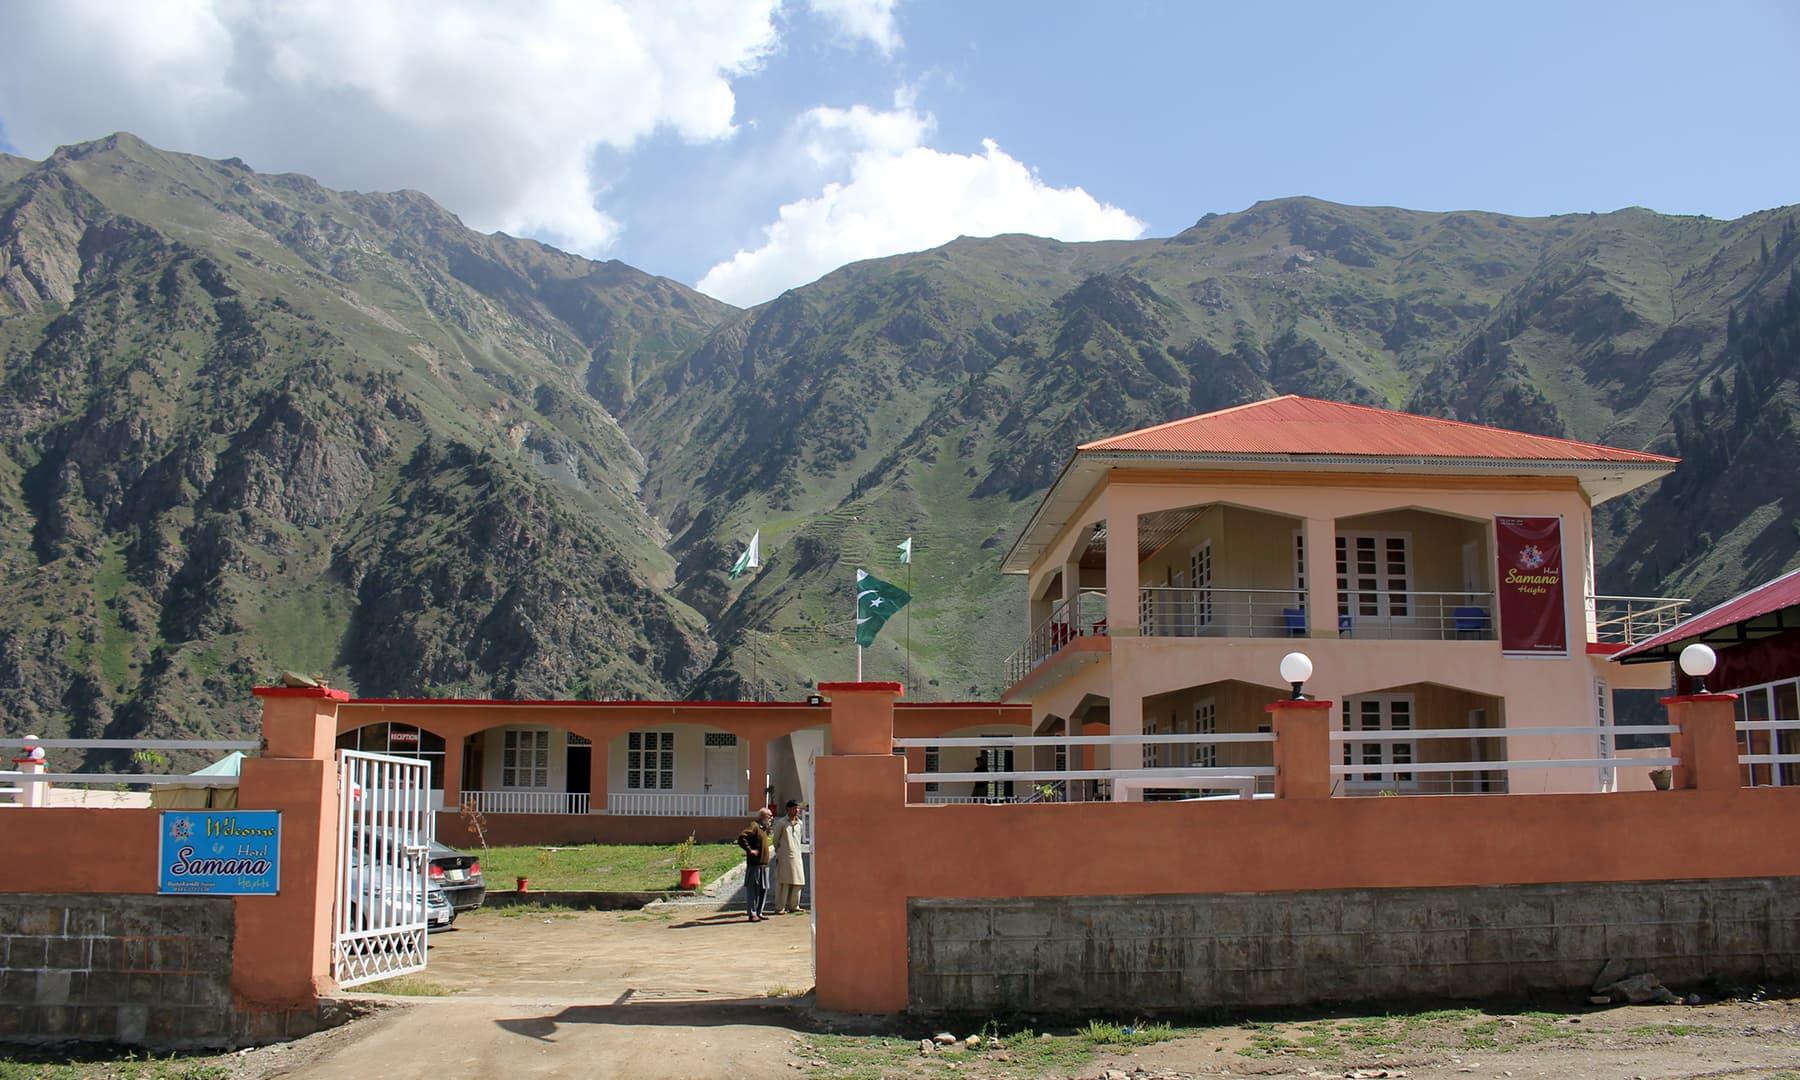 ہم 4 دوست بٹہ کنڈی کے پرسکون مقام پر ایک ہوٹل میں ٹھہرے ہوئے تھے